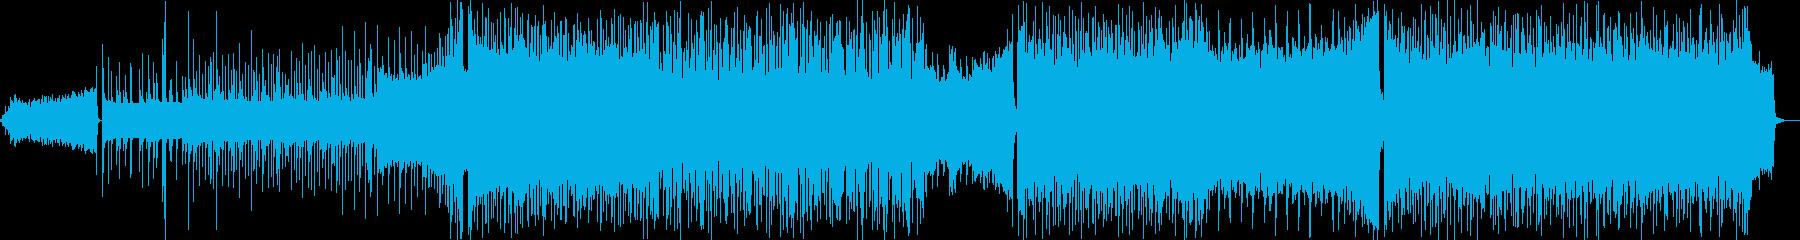 盛り上がりを意識したEDM風BGMの再生済みの波形